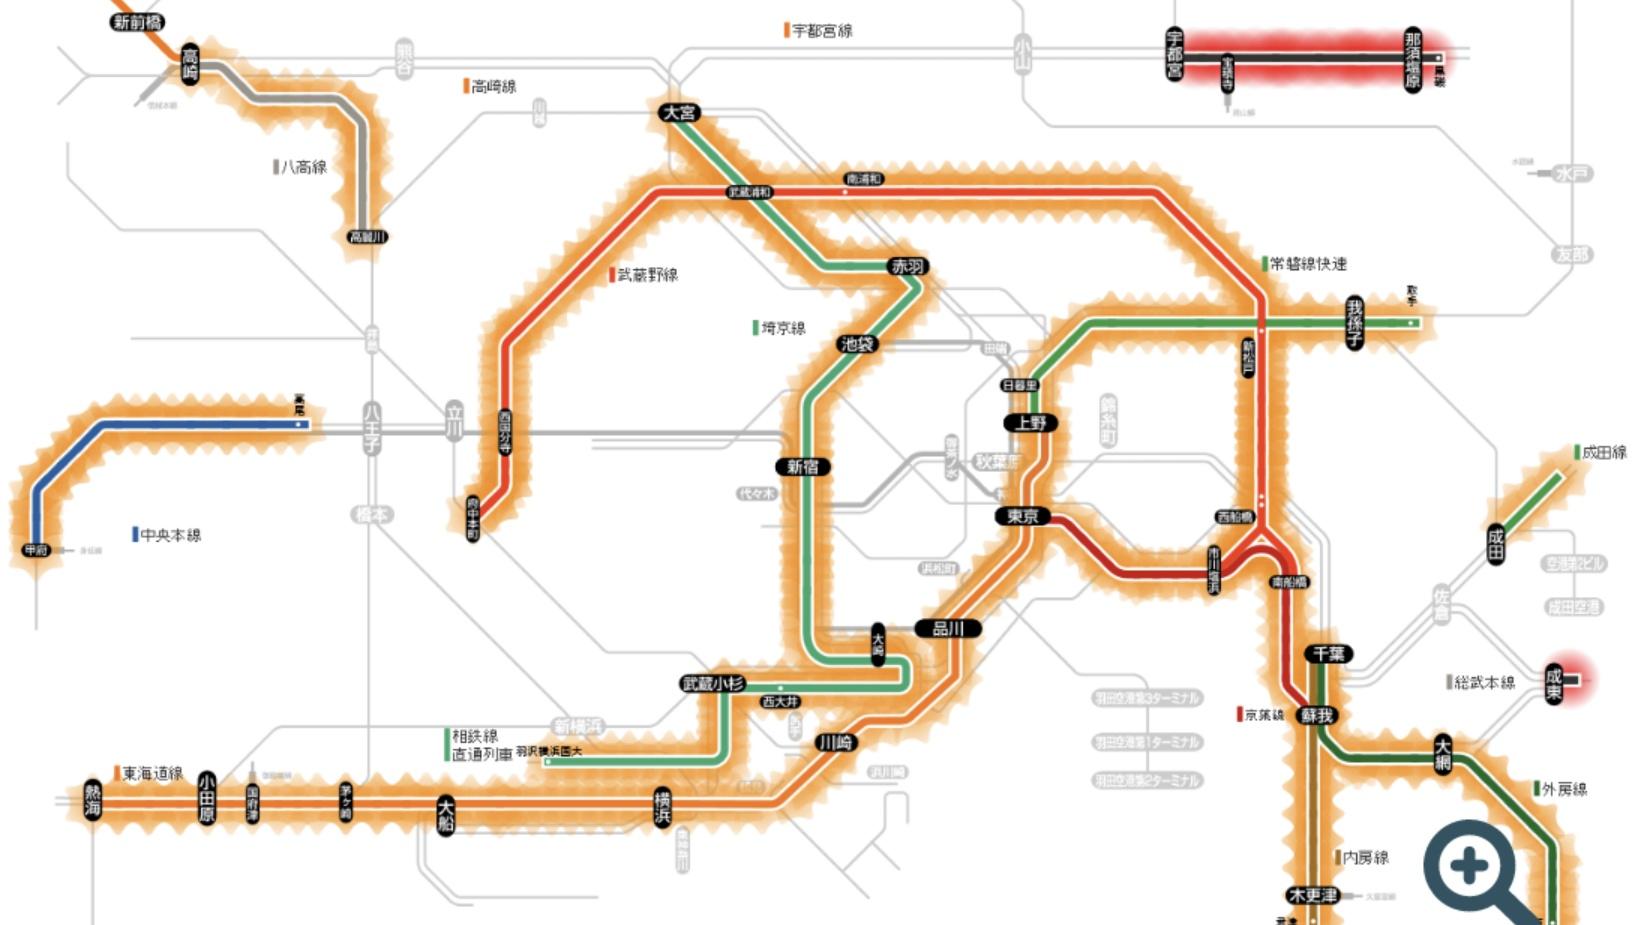 【強風で首都圏大混乱】武蔵野線が40分間隔に 14駅38.4km区間に1本も在線なし 東海道線は超過密に